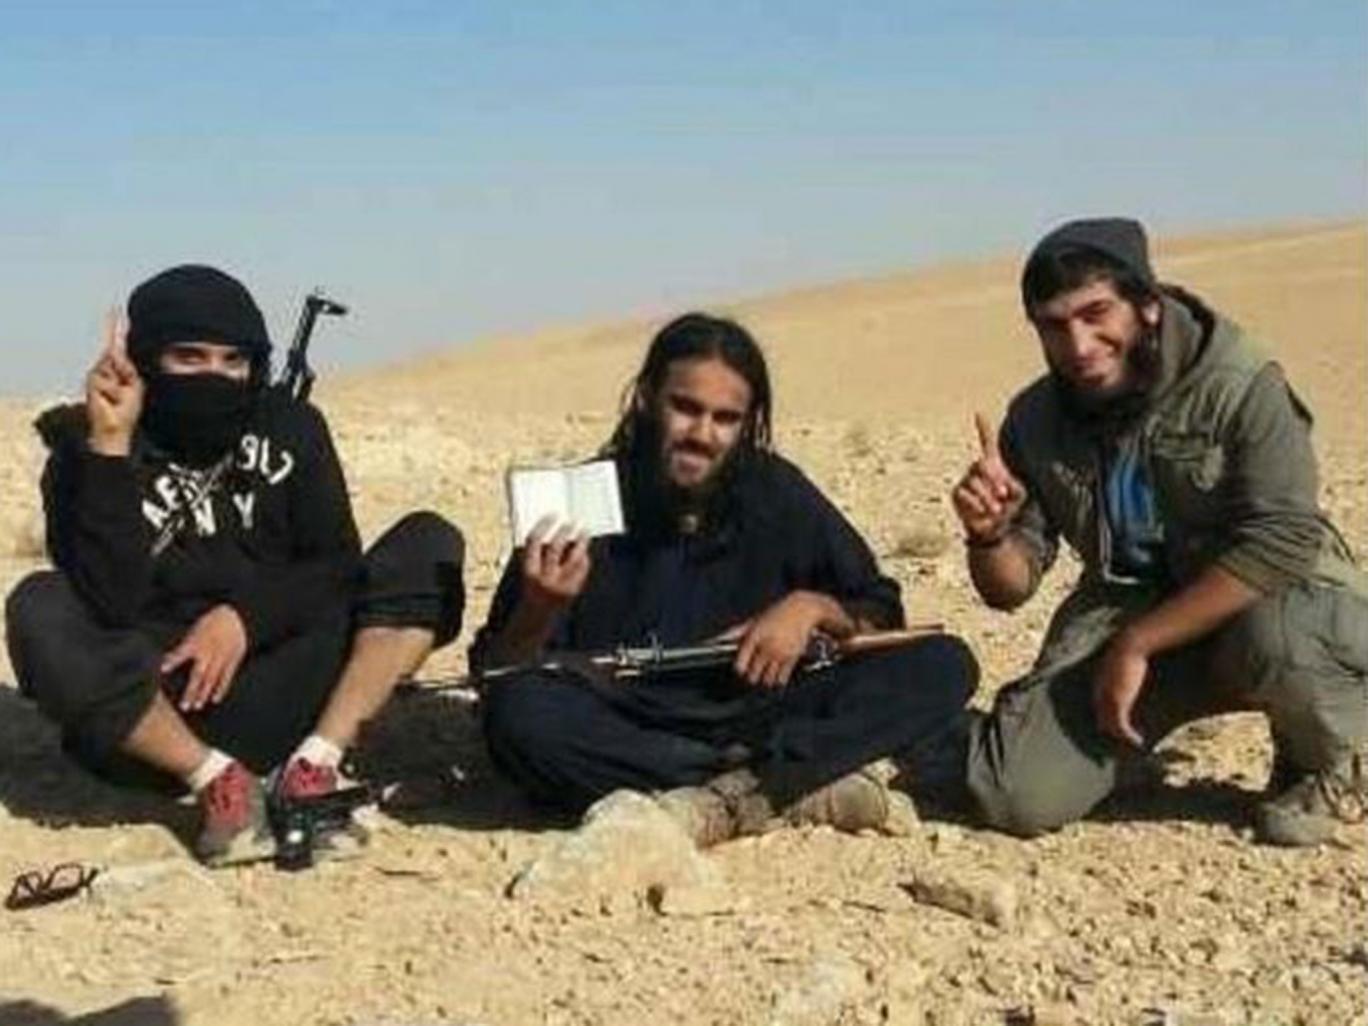 raphael-hostey de Manchester se recluto para el ISIS